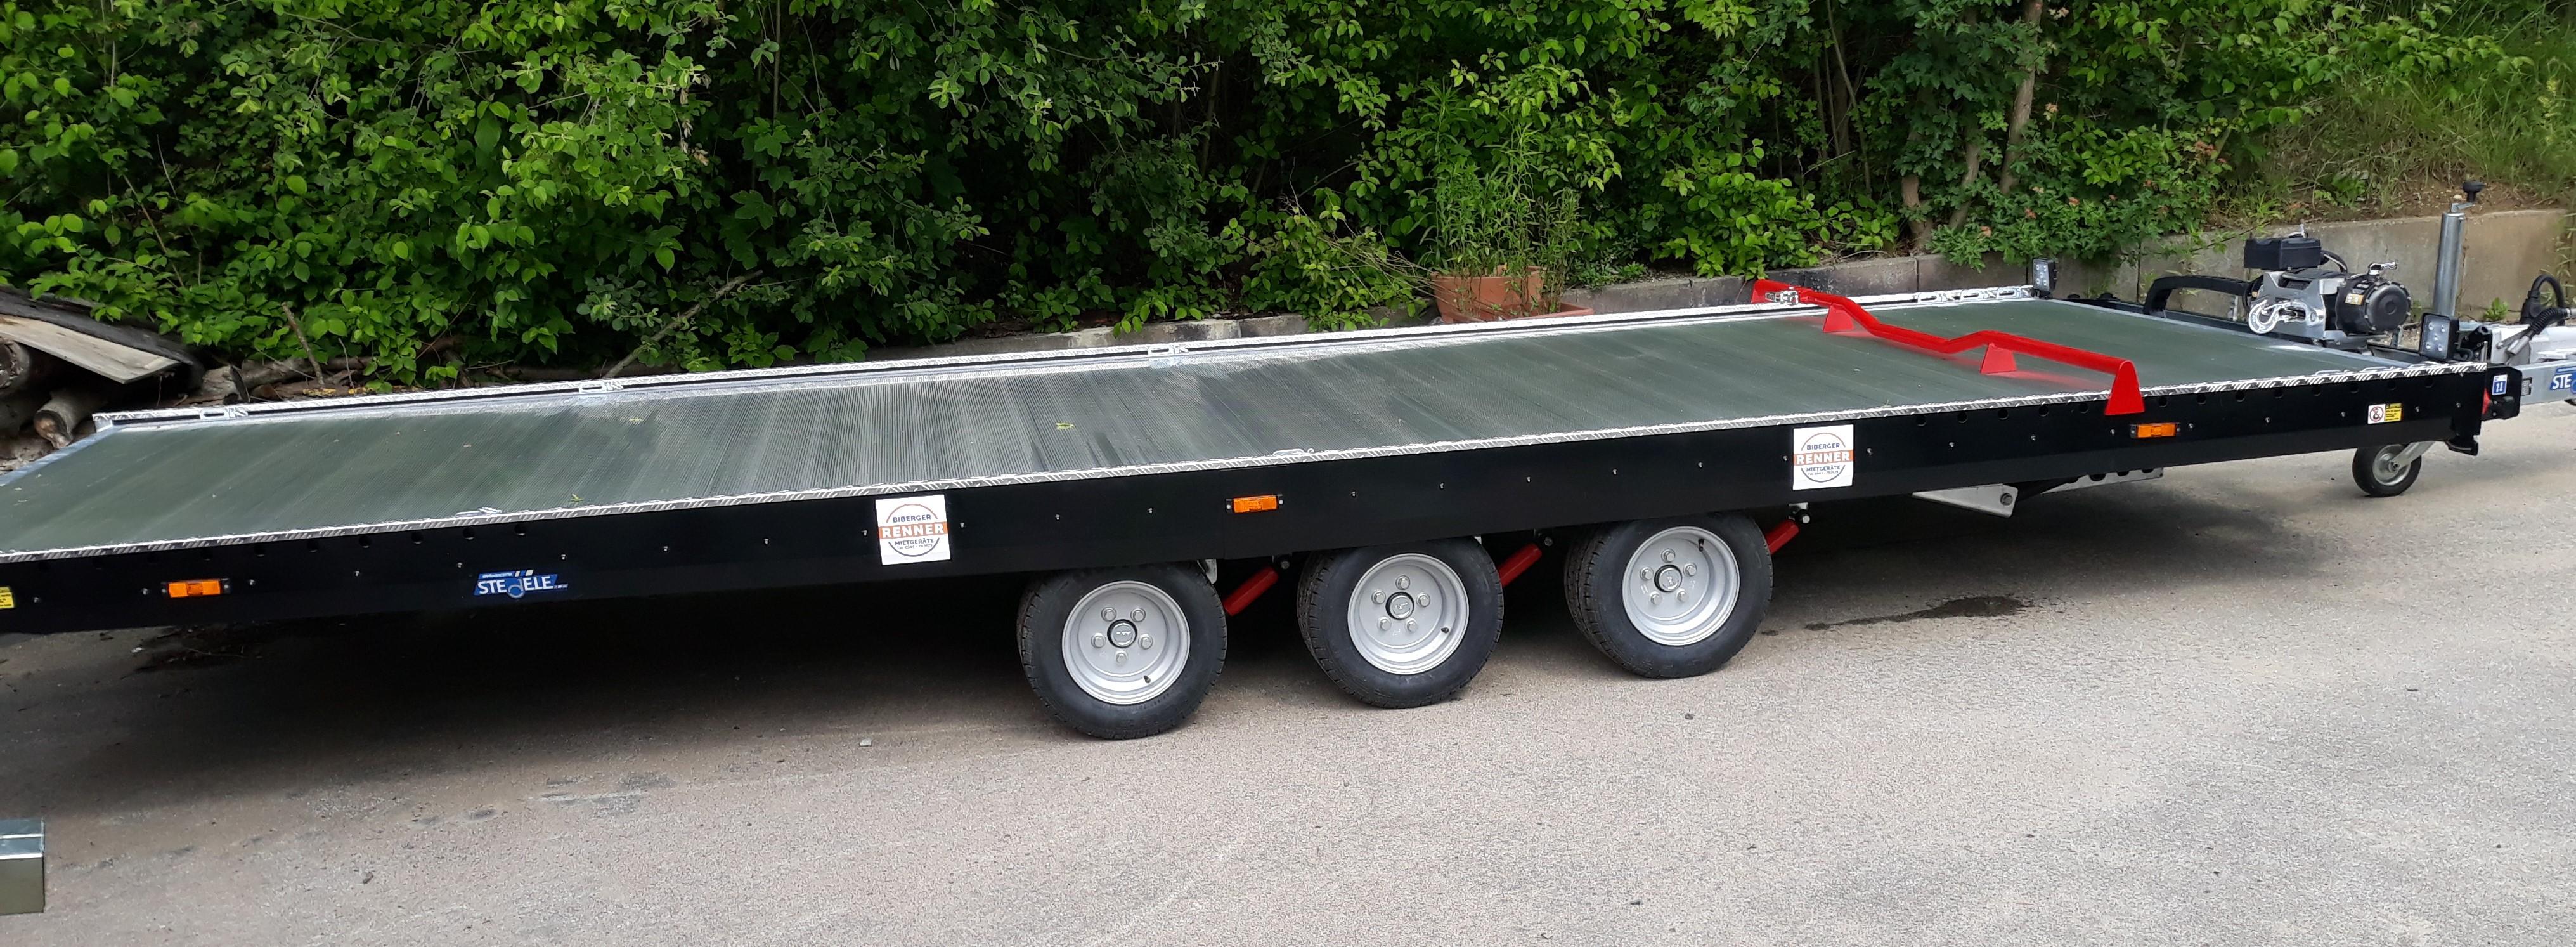 Anhänger Fahrzeugtransporter 3,5 t